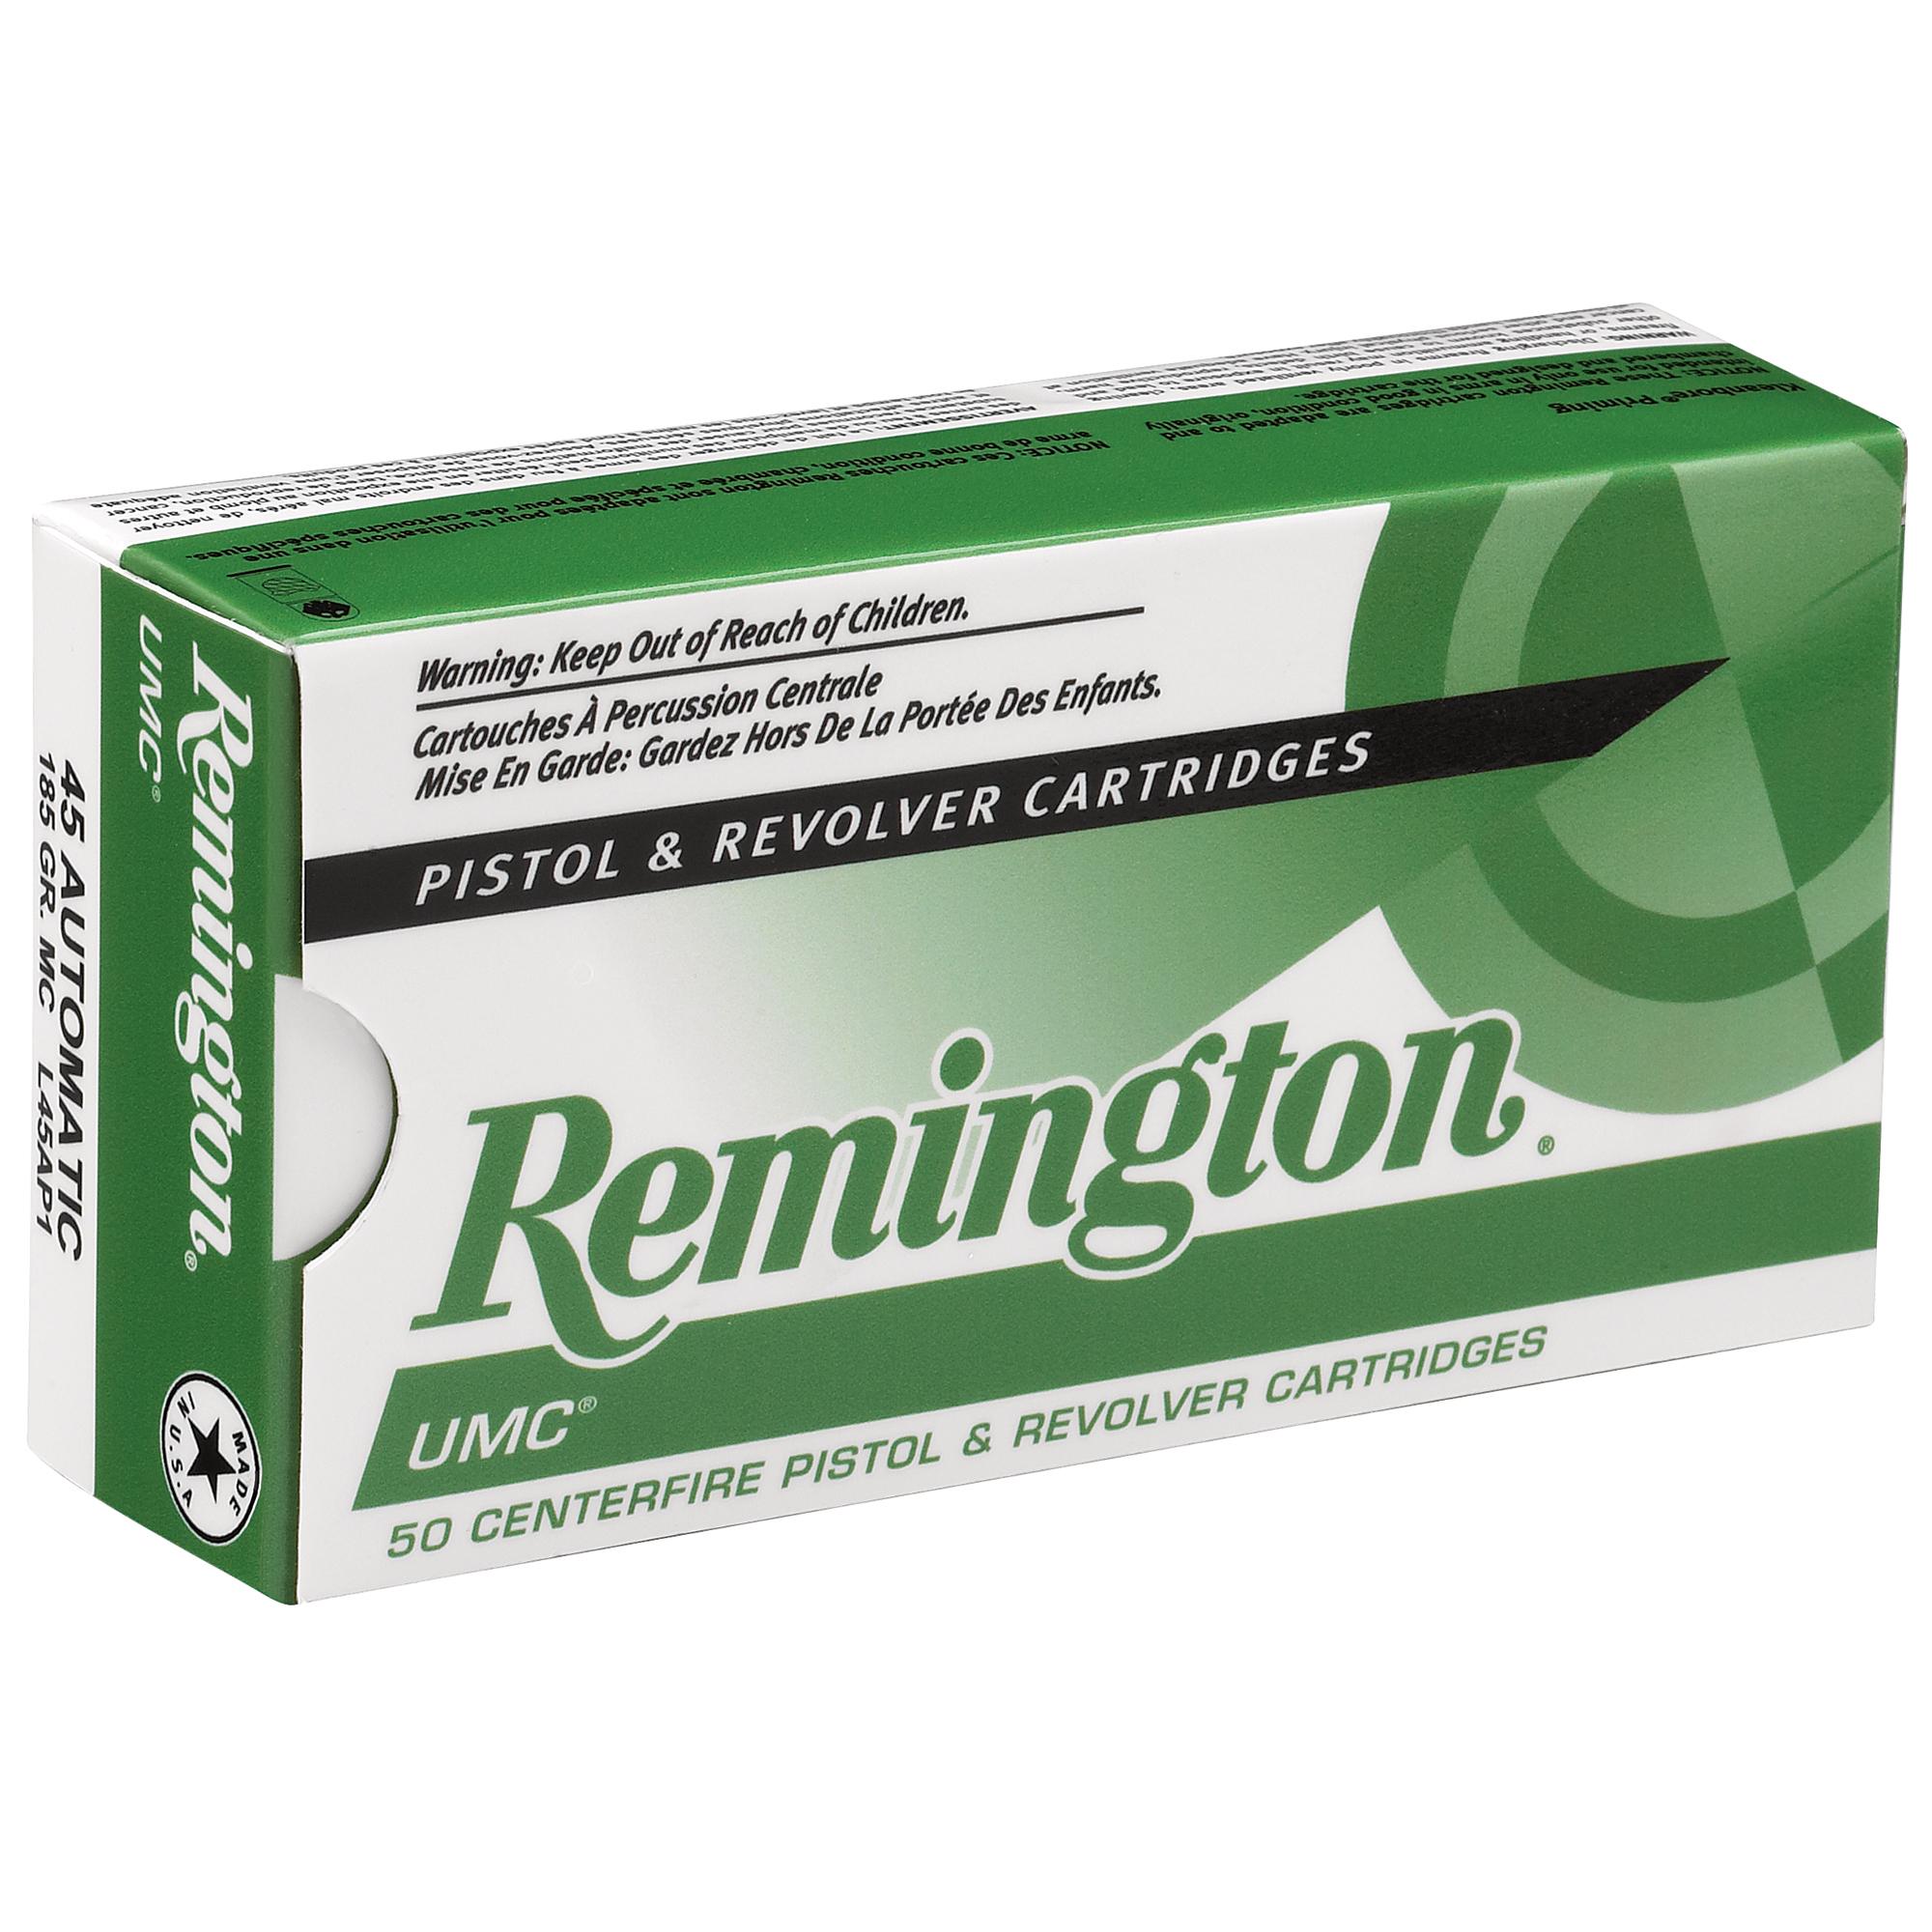 Remington UMC Handgun Ammunition, 9mm Luger, 124-gr, FMJ, 50 Rounds